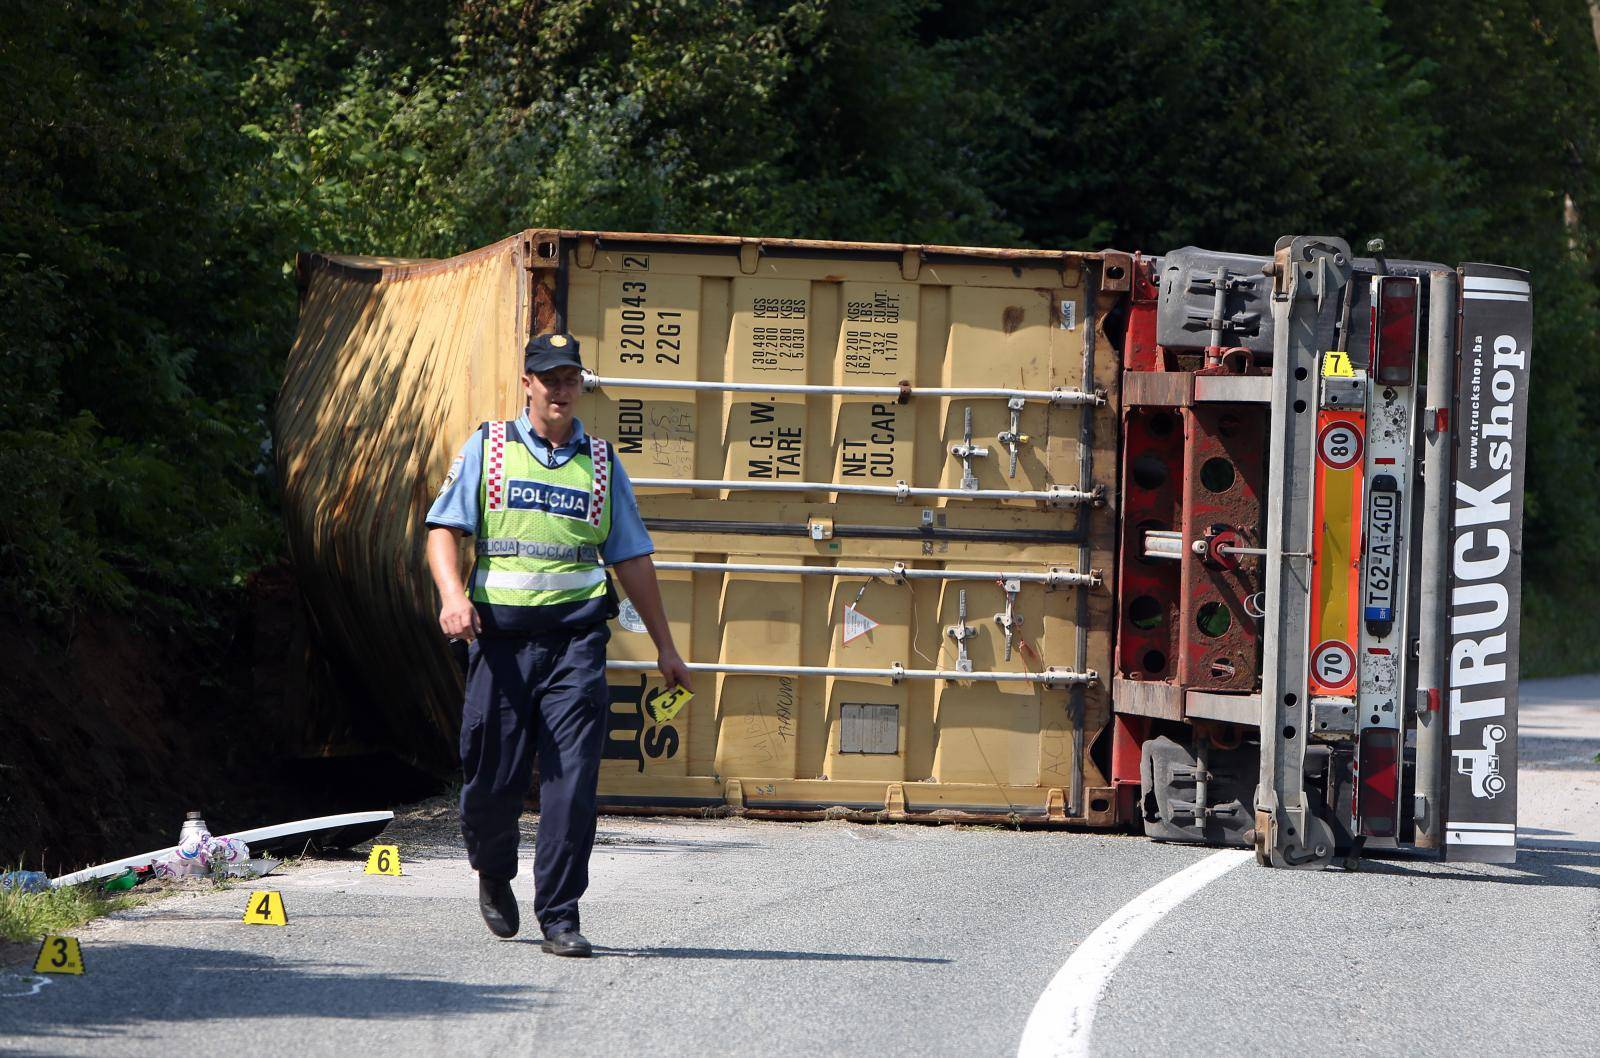 Jedna osoba ozlijeðena u prevrtanju kamiona u Kupljenskom kod Vojniæa